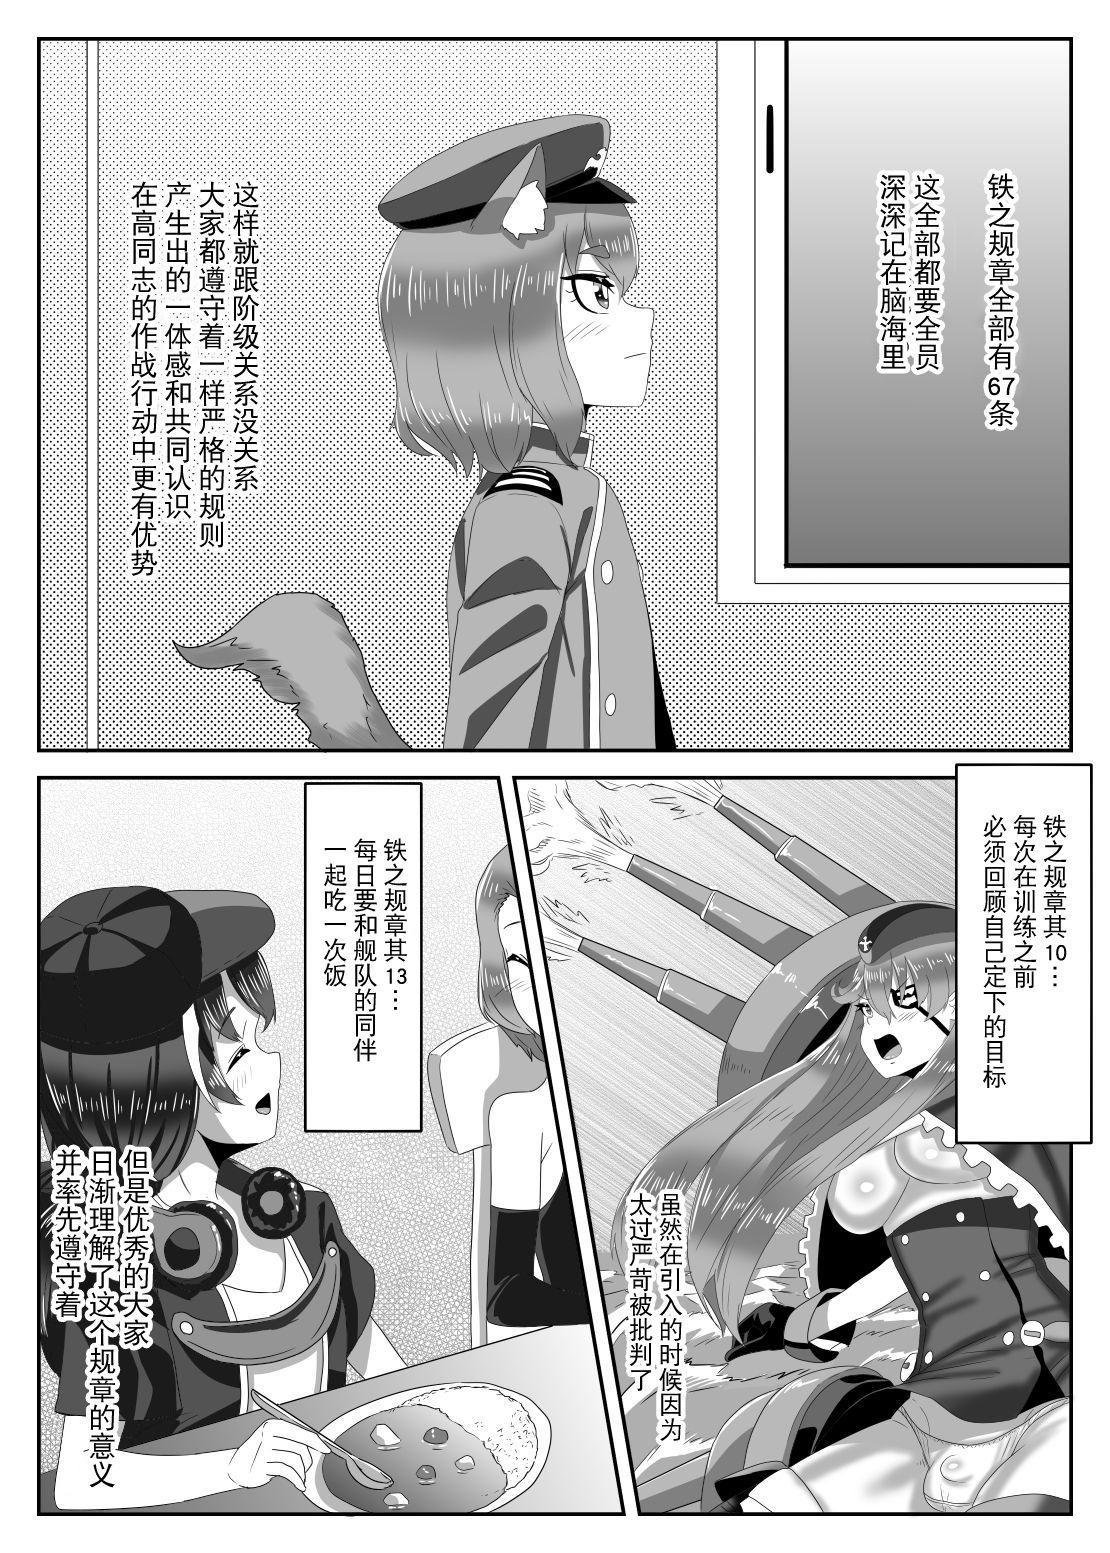 Futanari Kantai to Otokonoko Shikikan 5